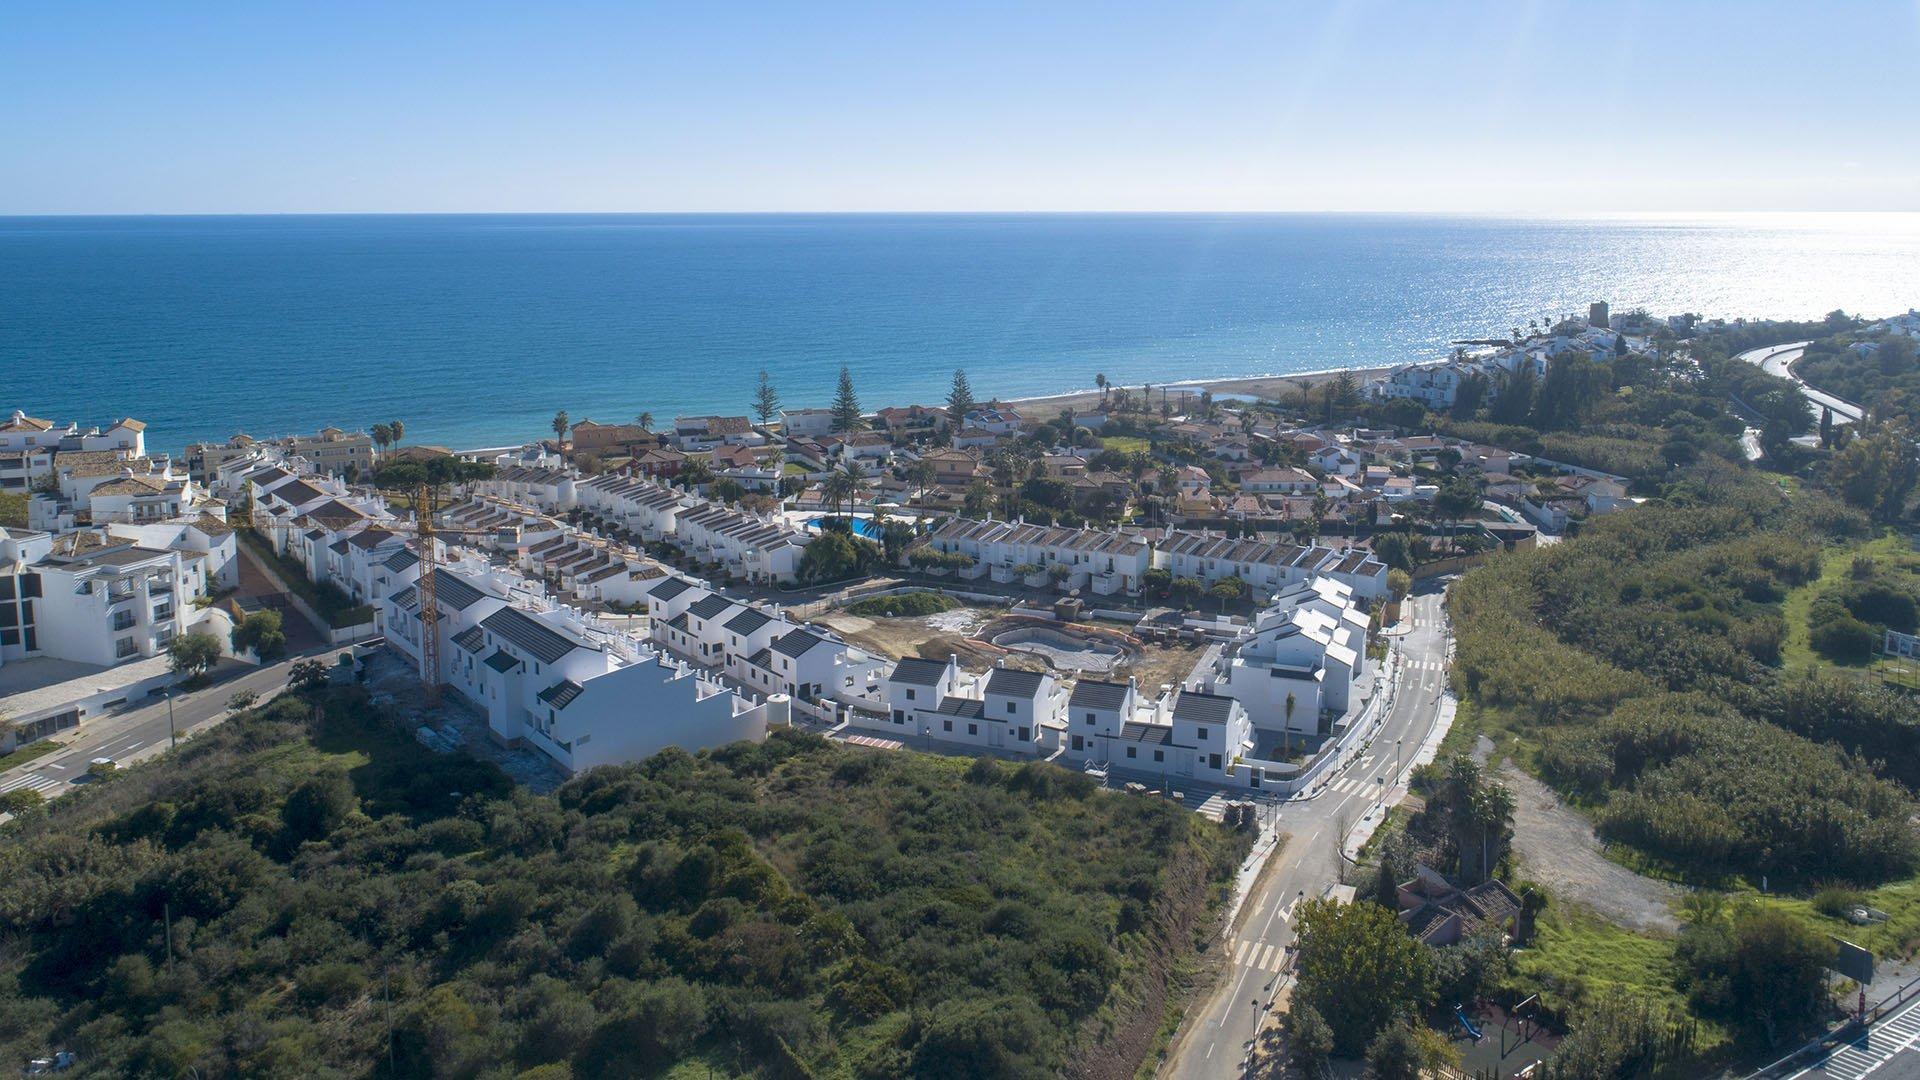 Arroyo Beach: Appartementen en penthouses op slechts 200m van het strand